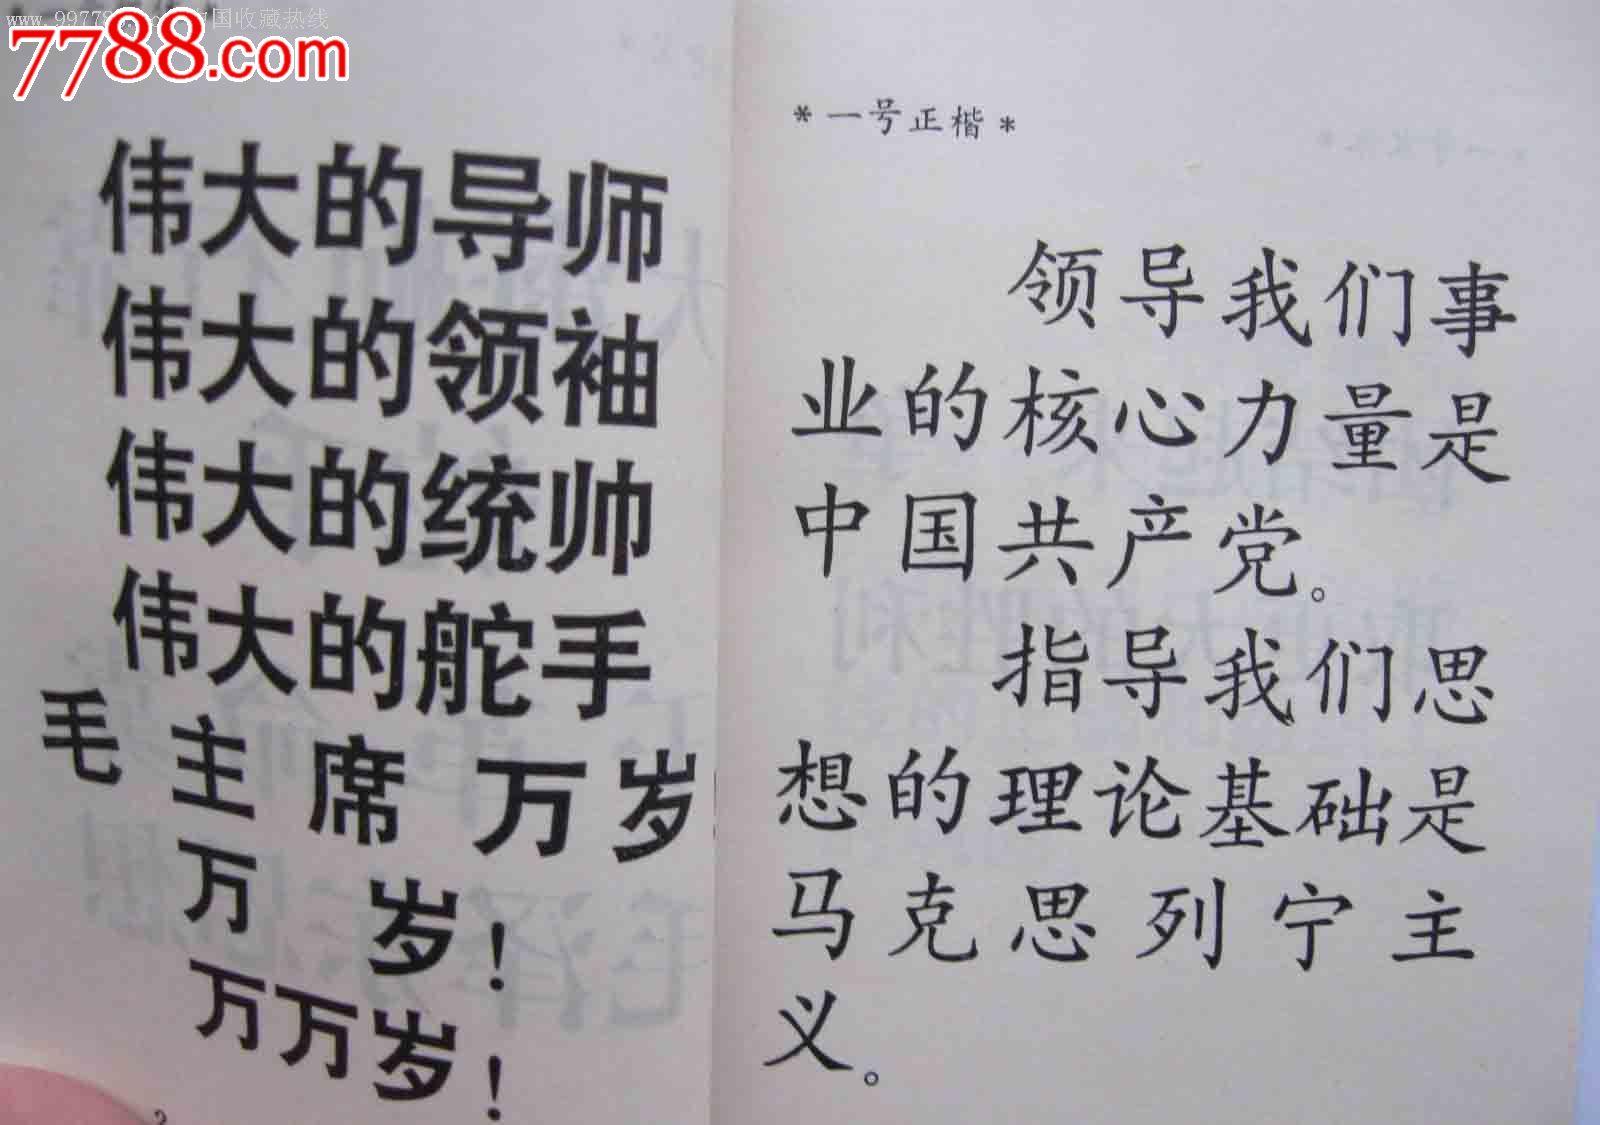 1971年字体样,汉文,外文,桂林印刷厂印刷字体样,全书完好,48页